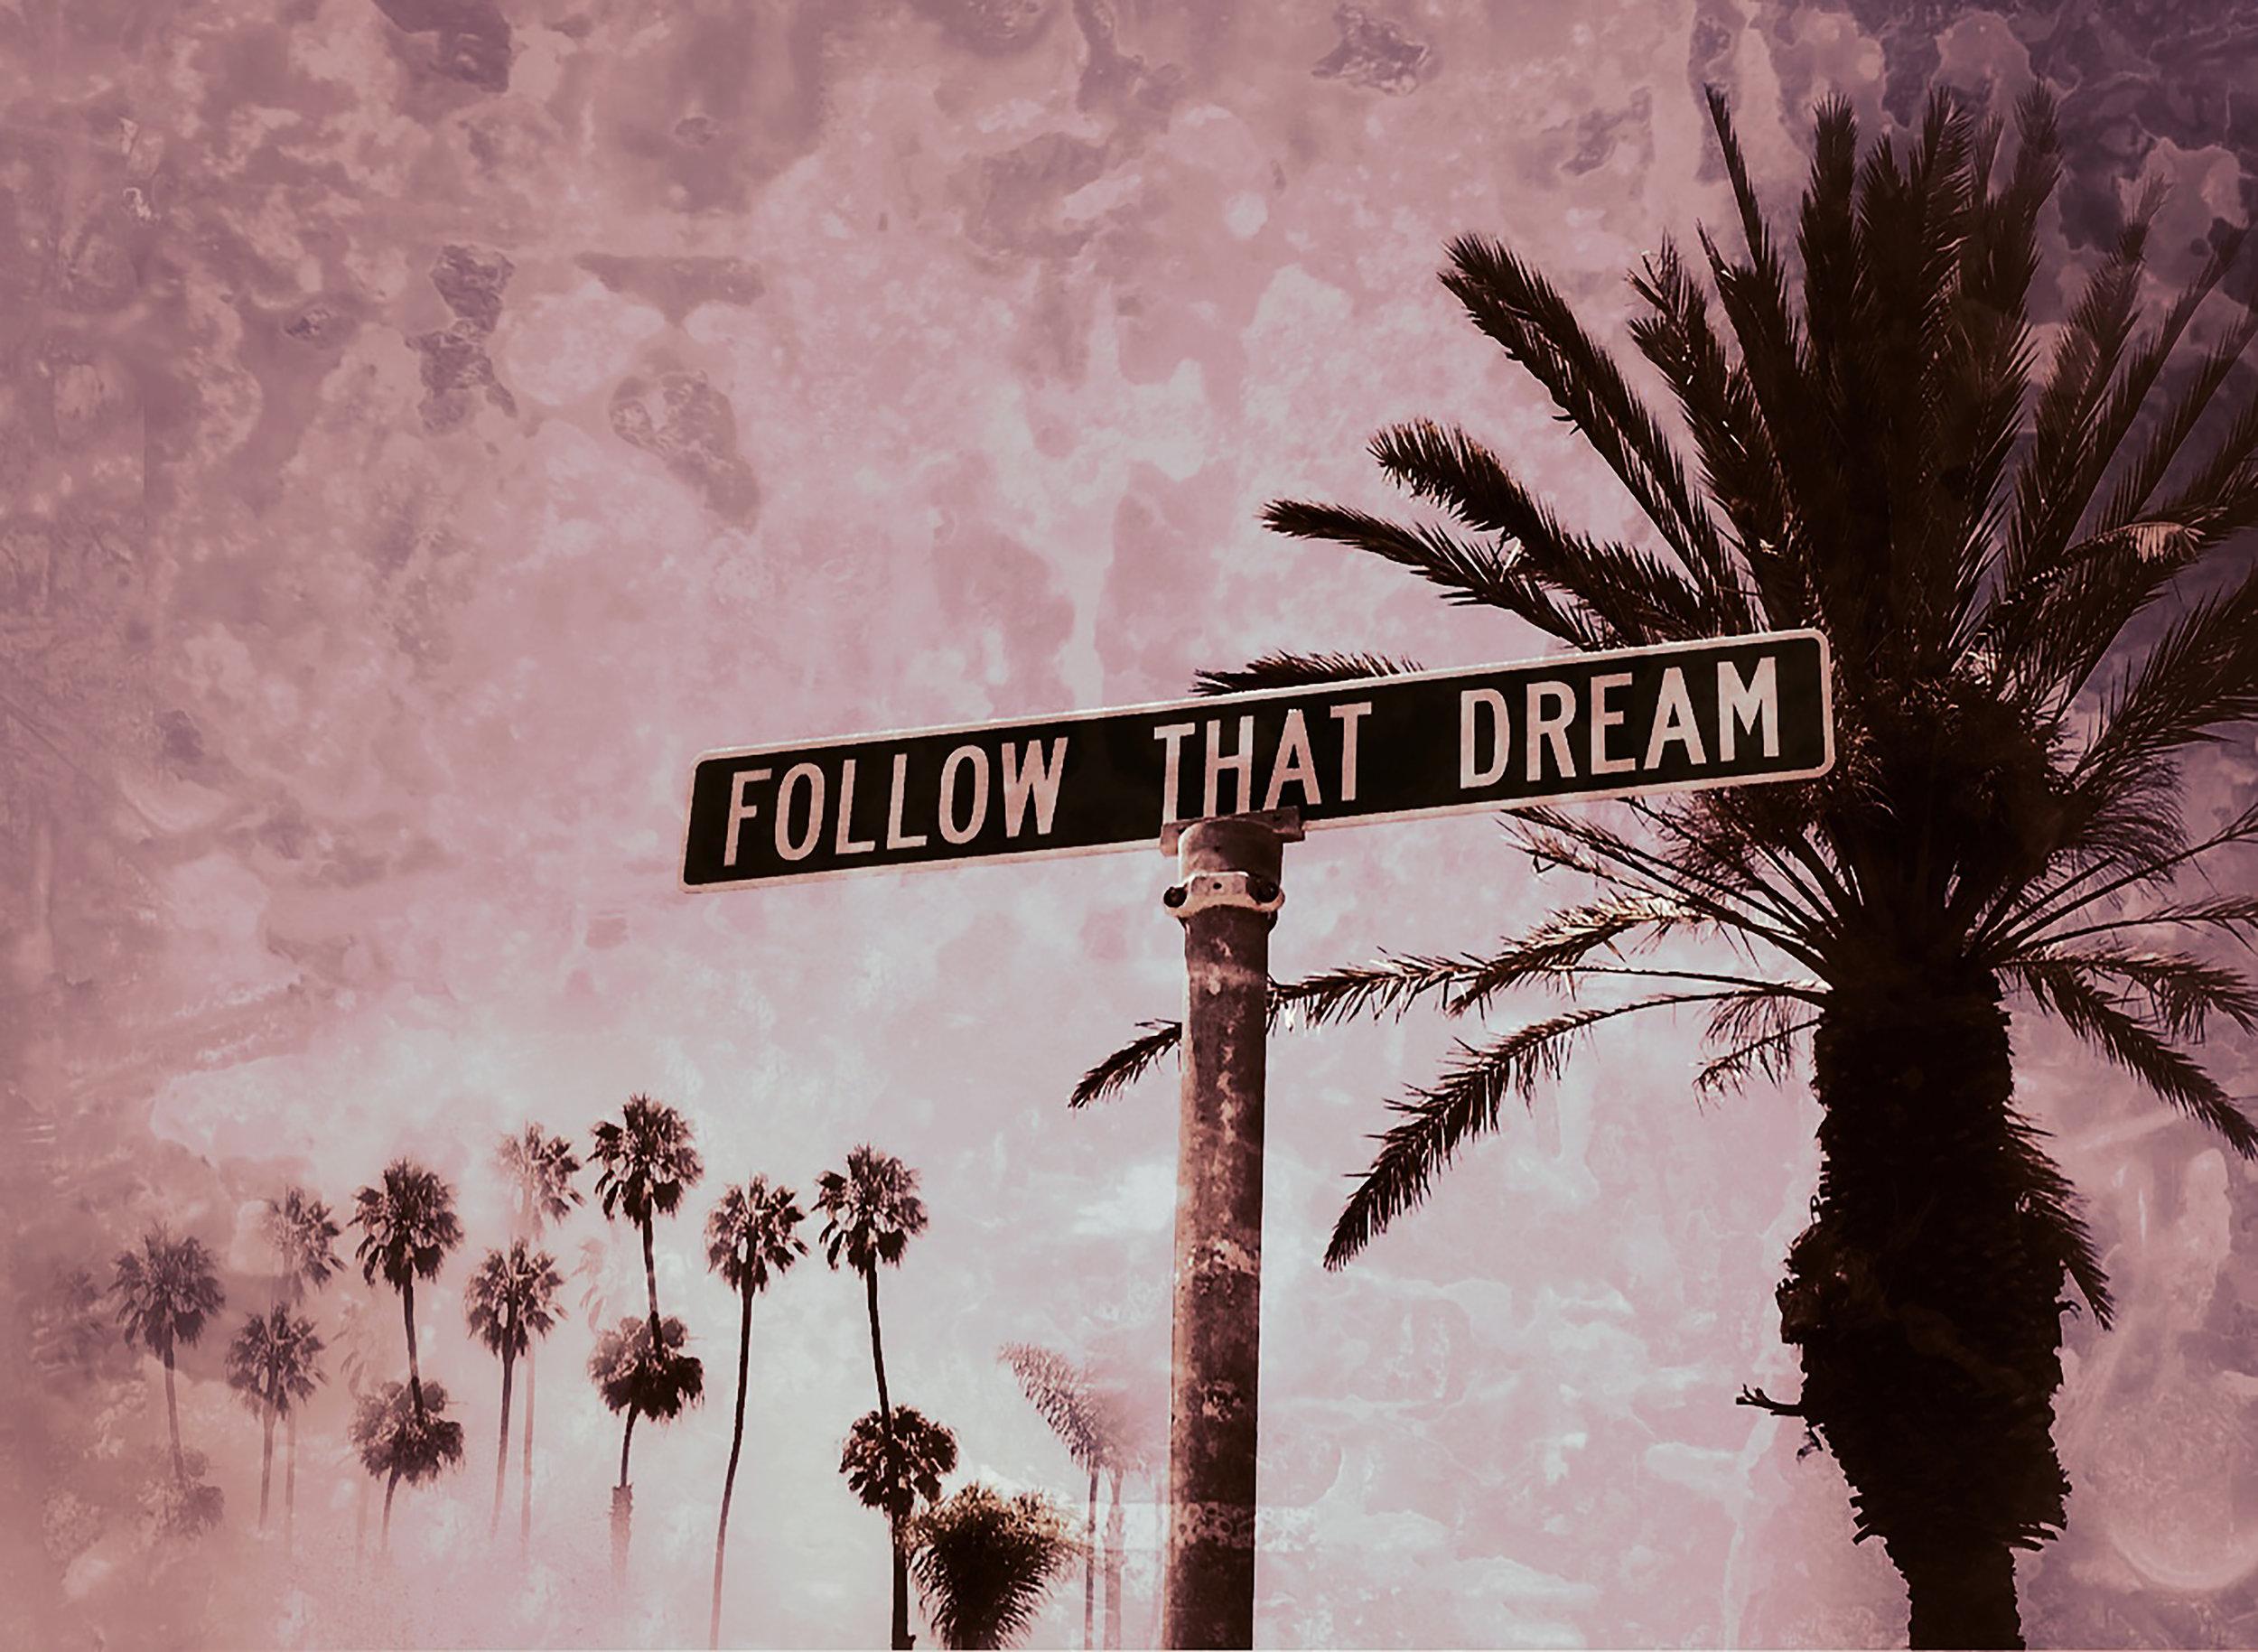 followthatdream.jpg